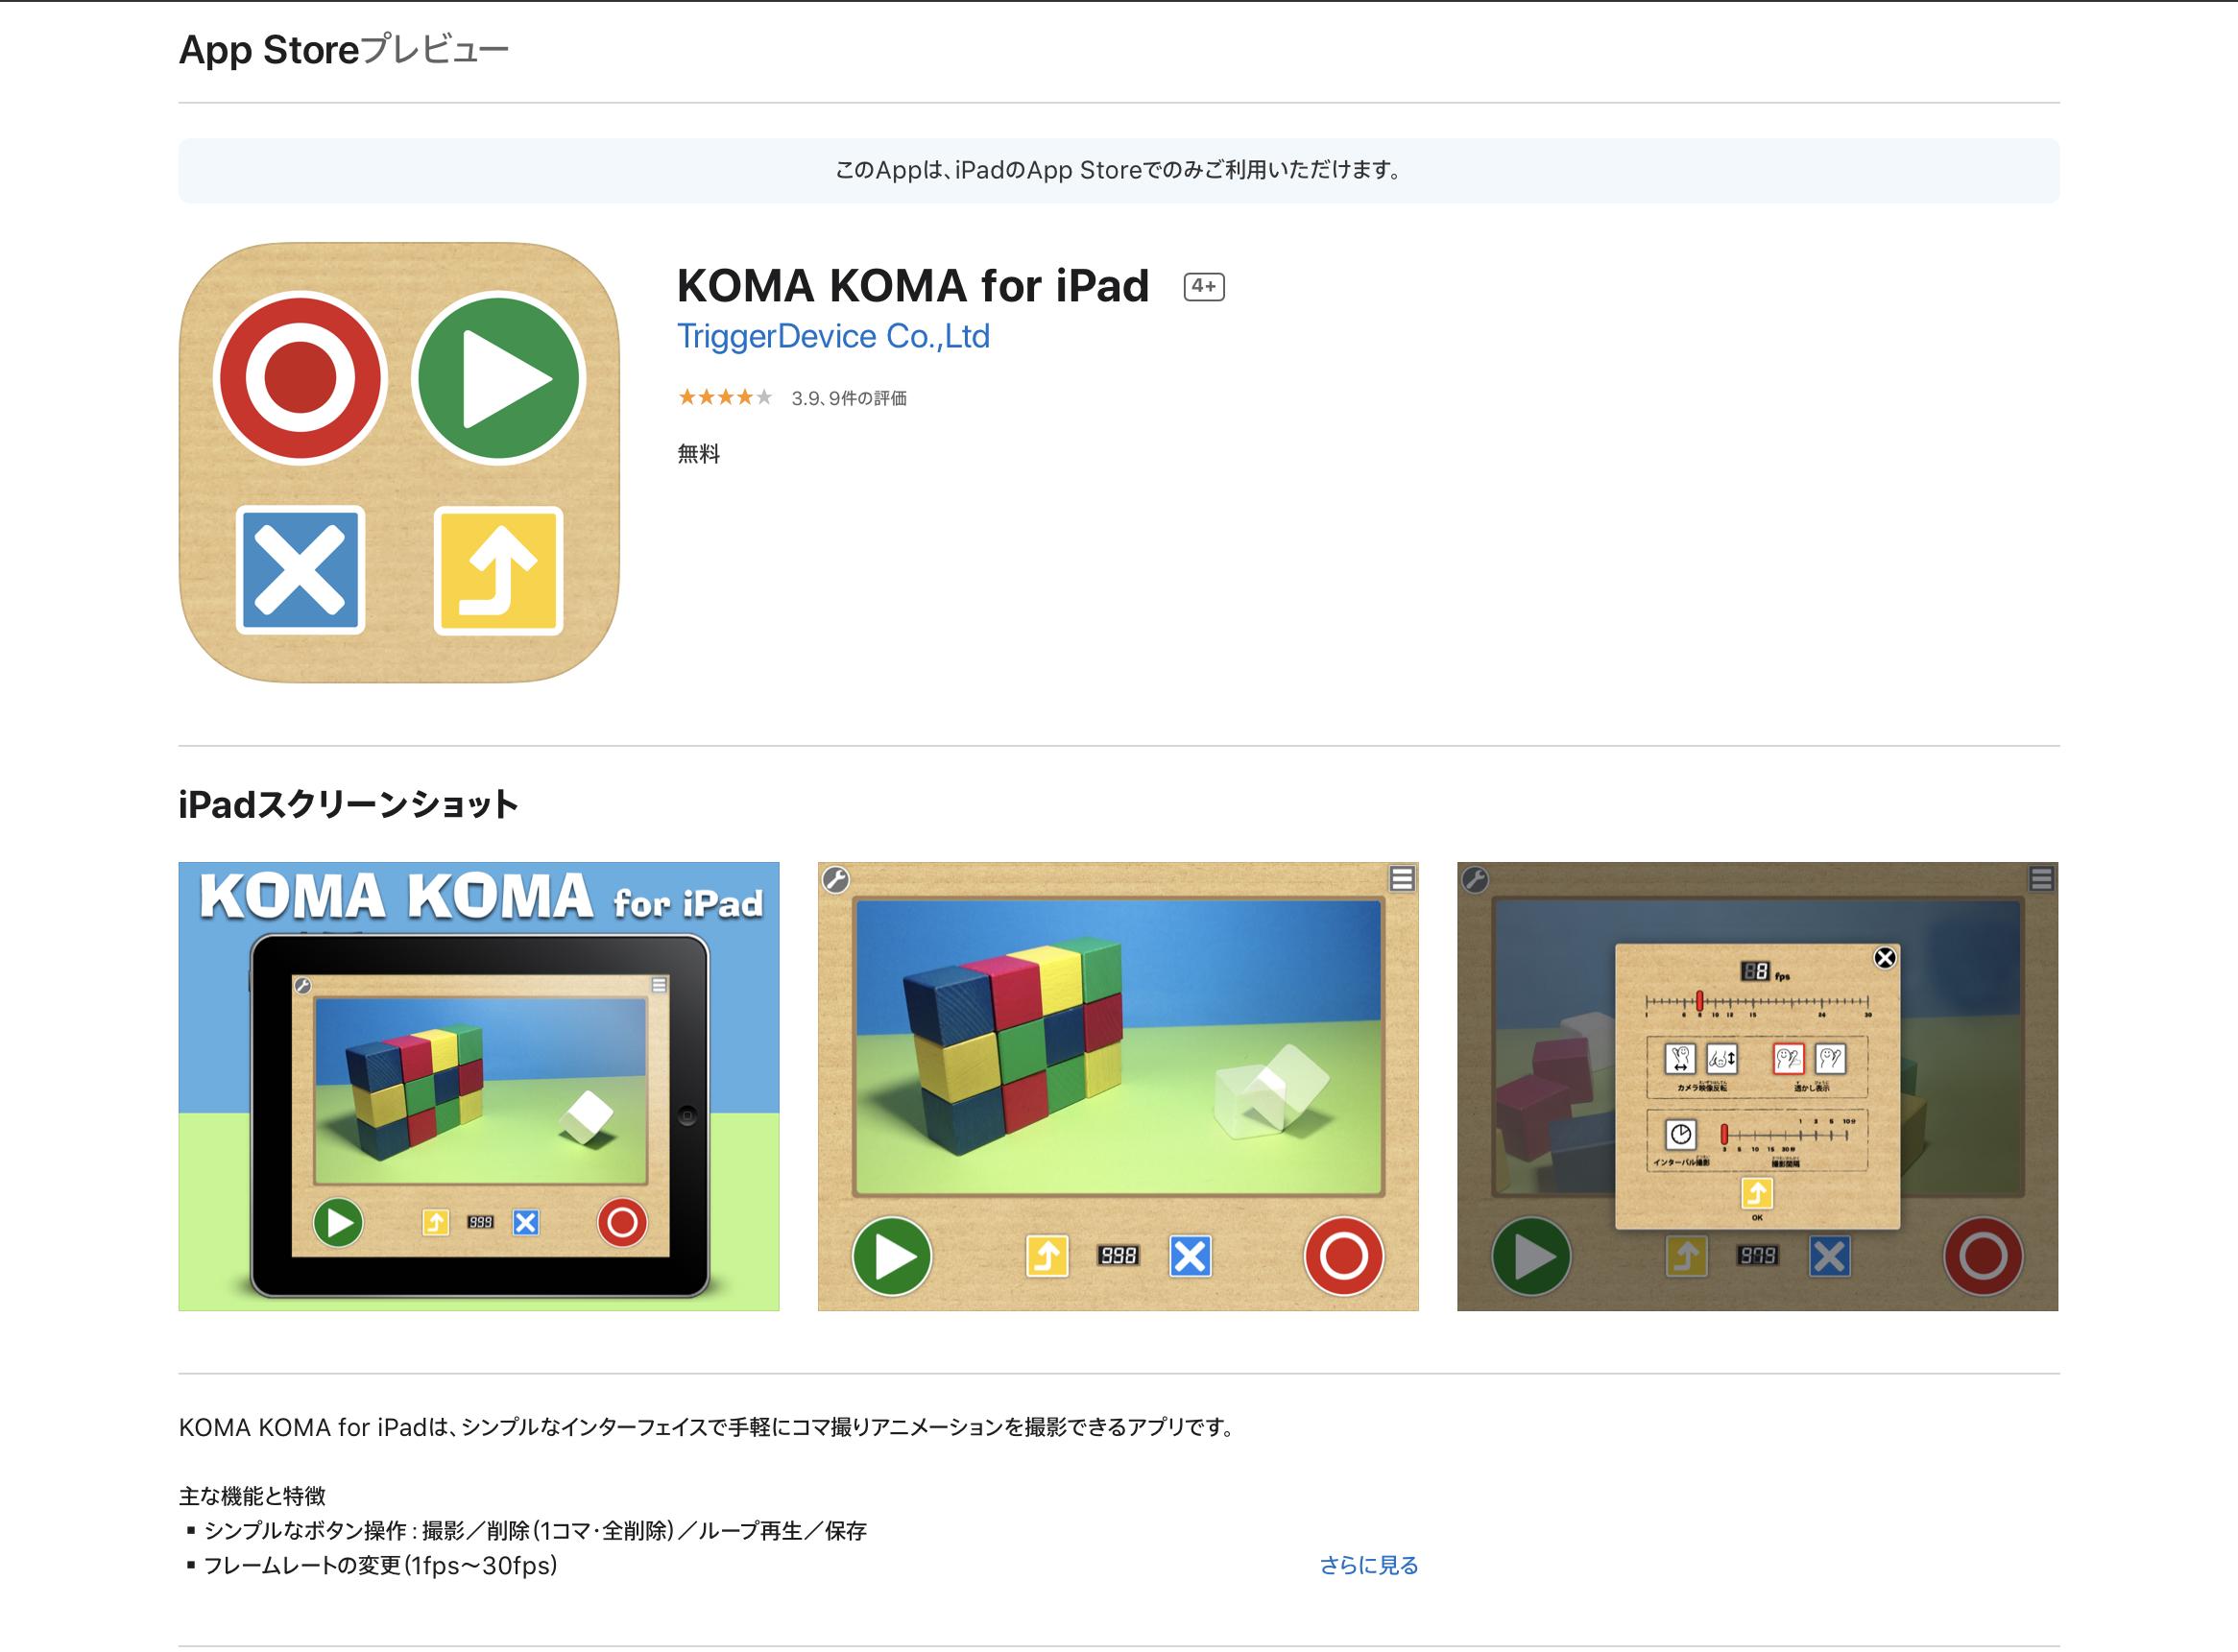 【おすすめアプリ:KOMA KOMA for iPad】コマドリ動画が作れちゃう